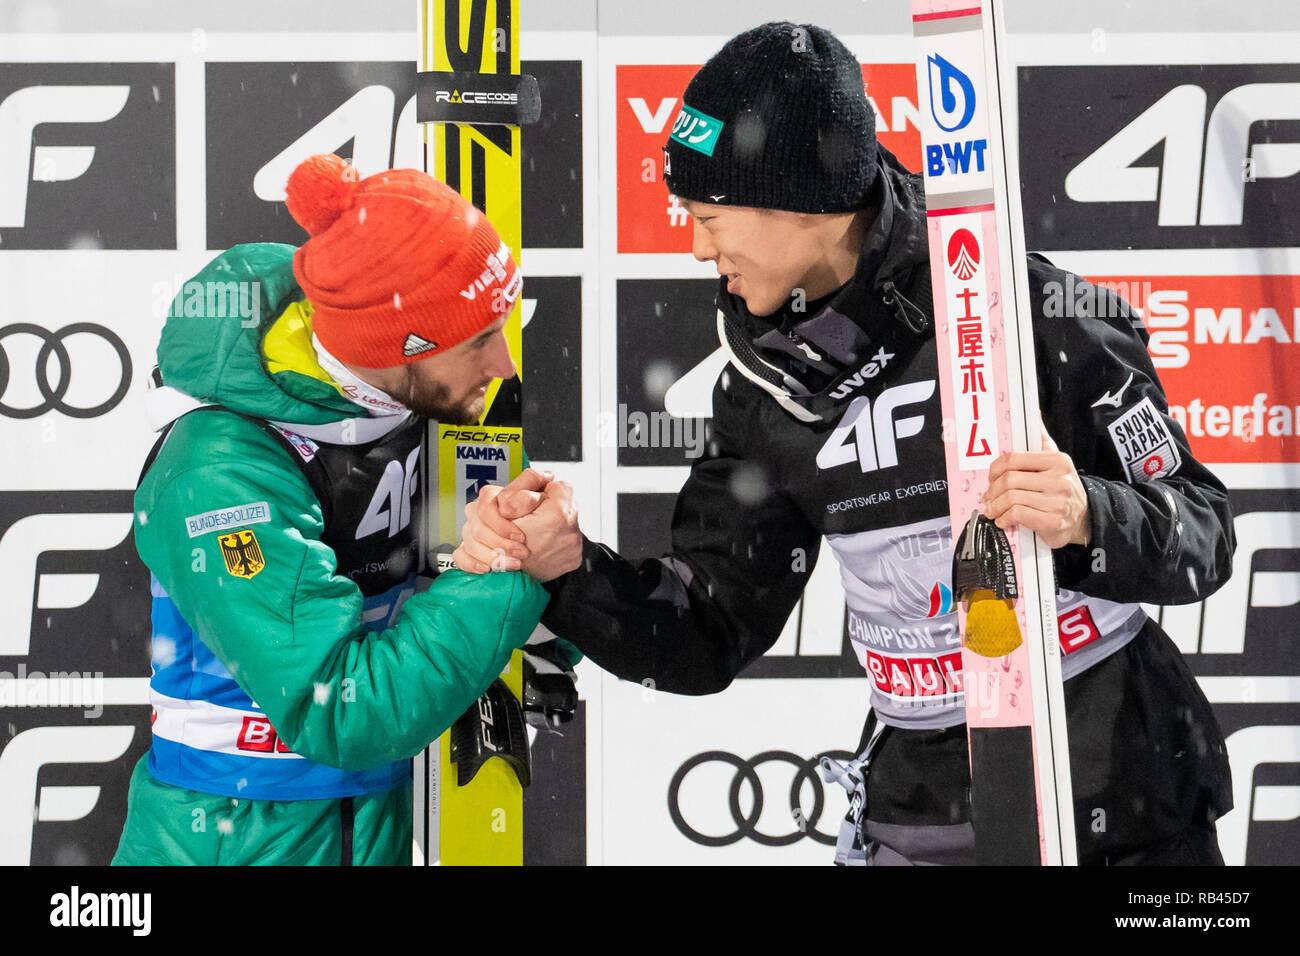 Bischofshofen, Autriche  06 Jan, 2019  Ski nordique/saut à